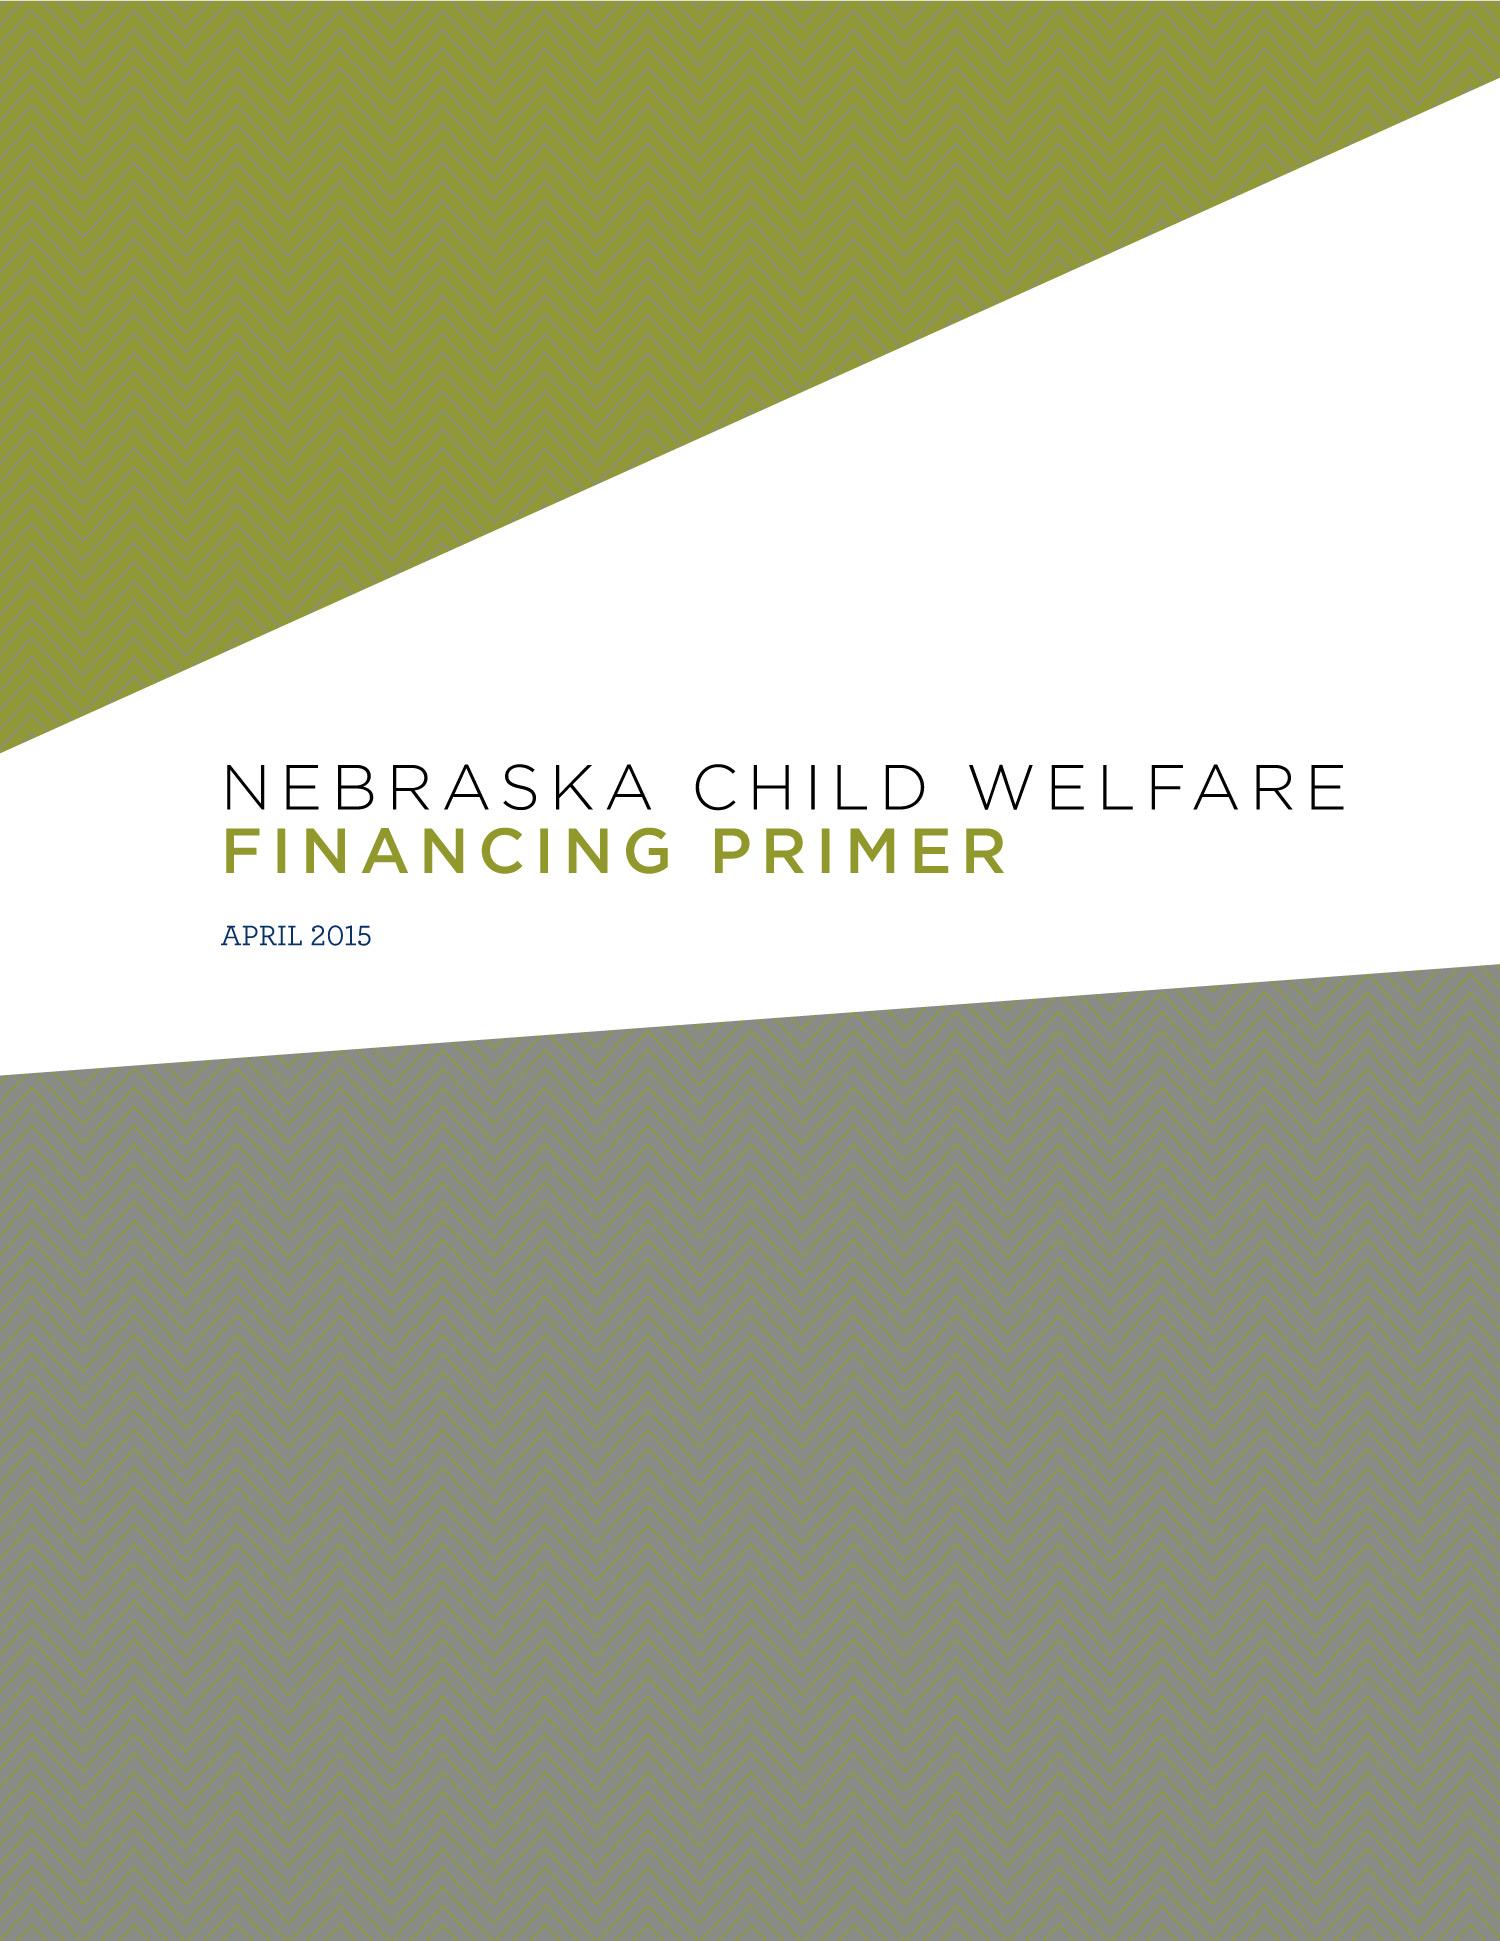 NebraskaChildWelfarePrimer.jpg